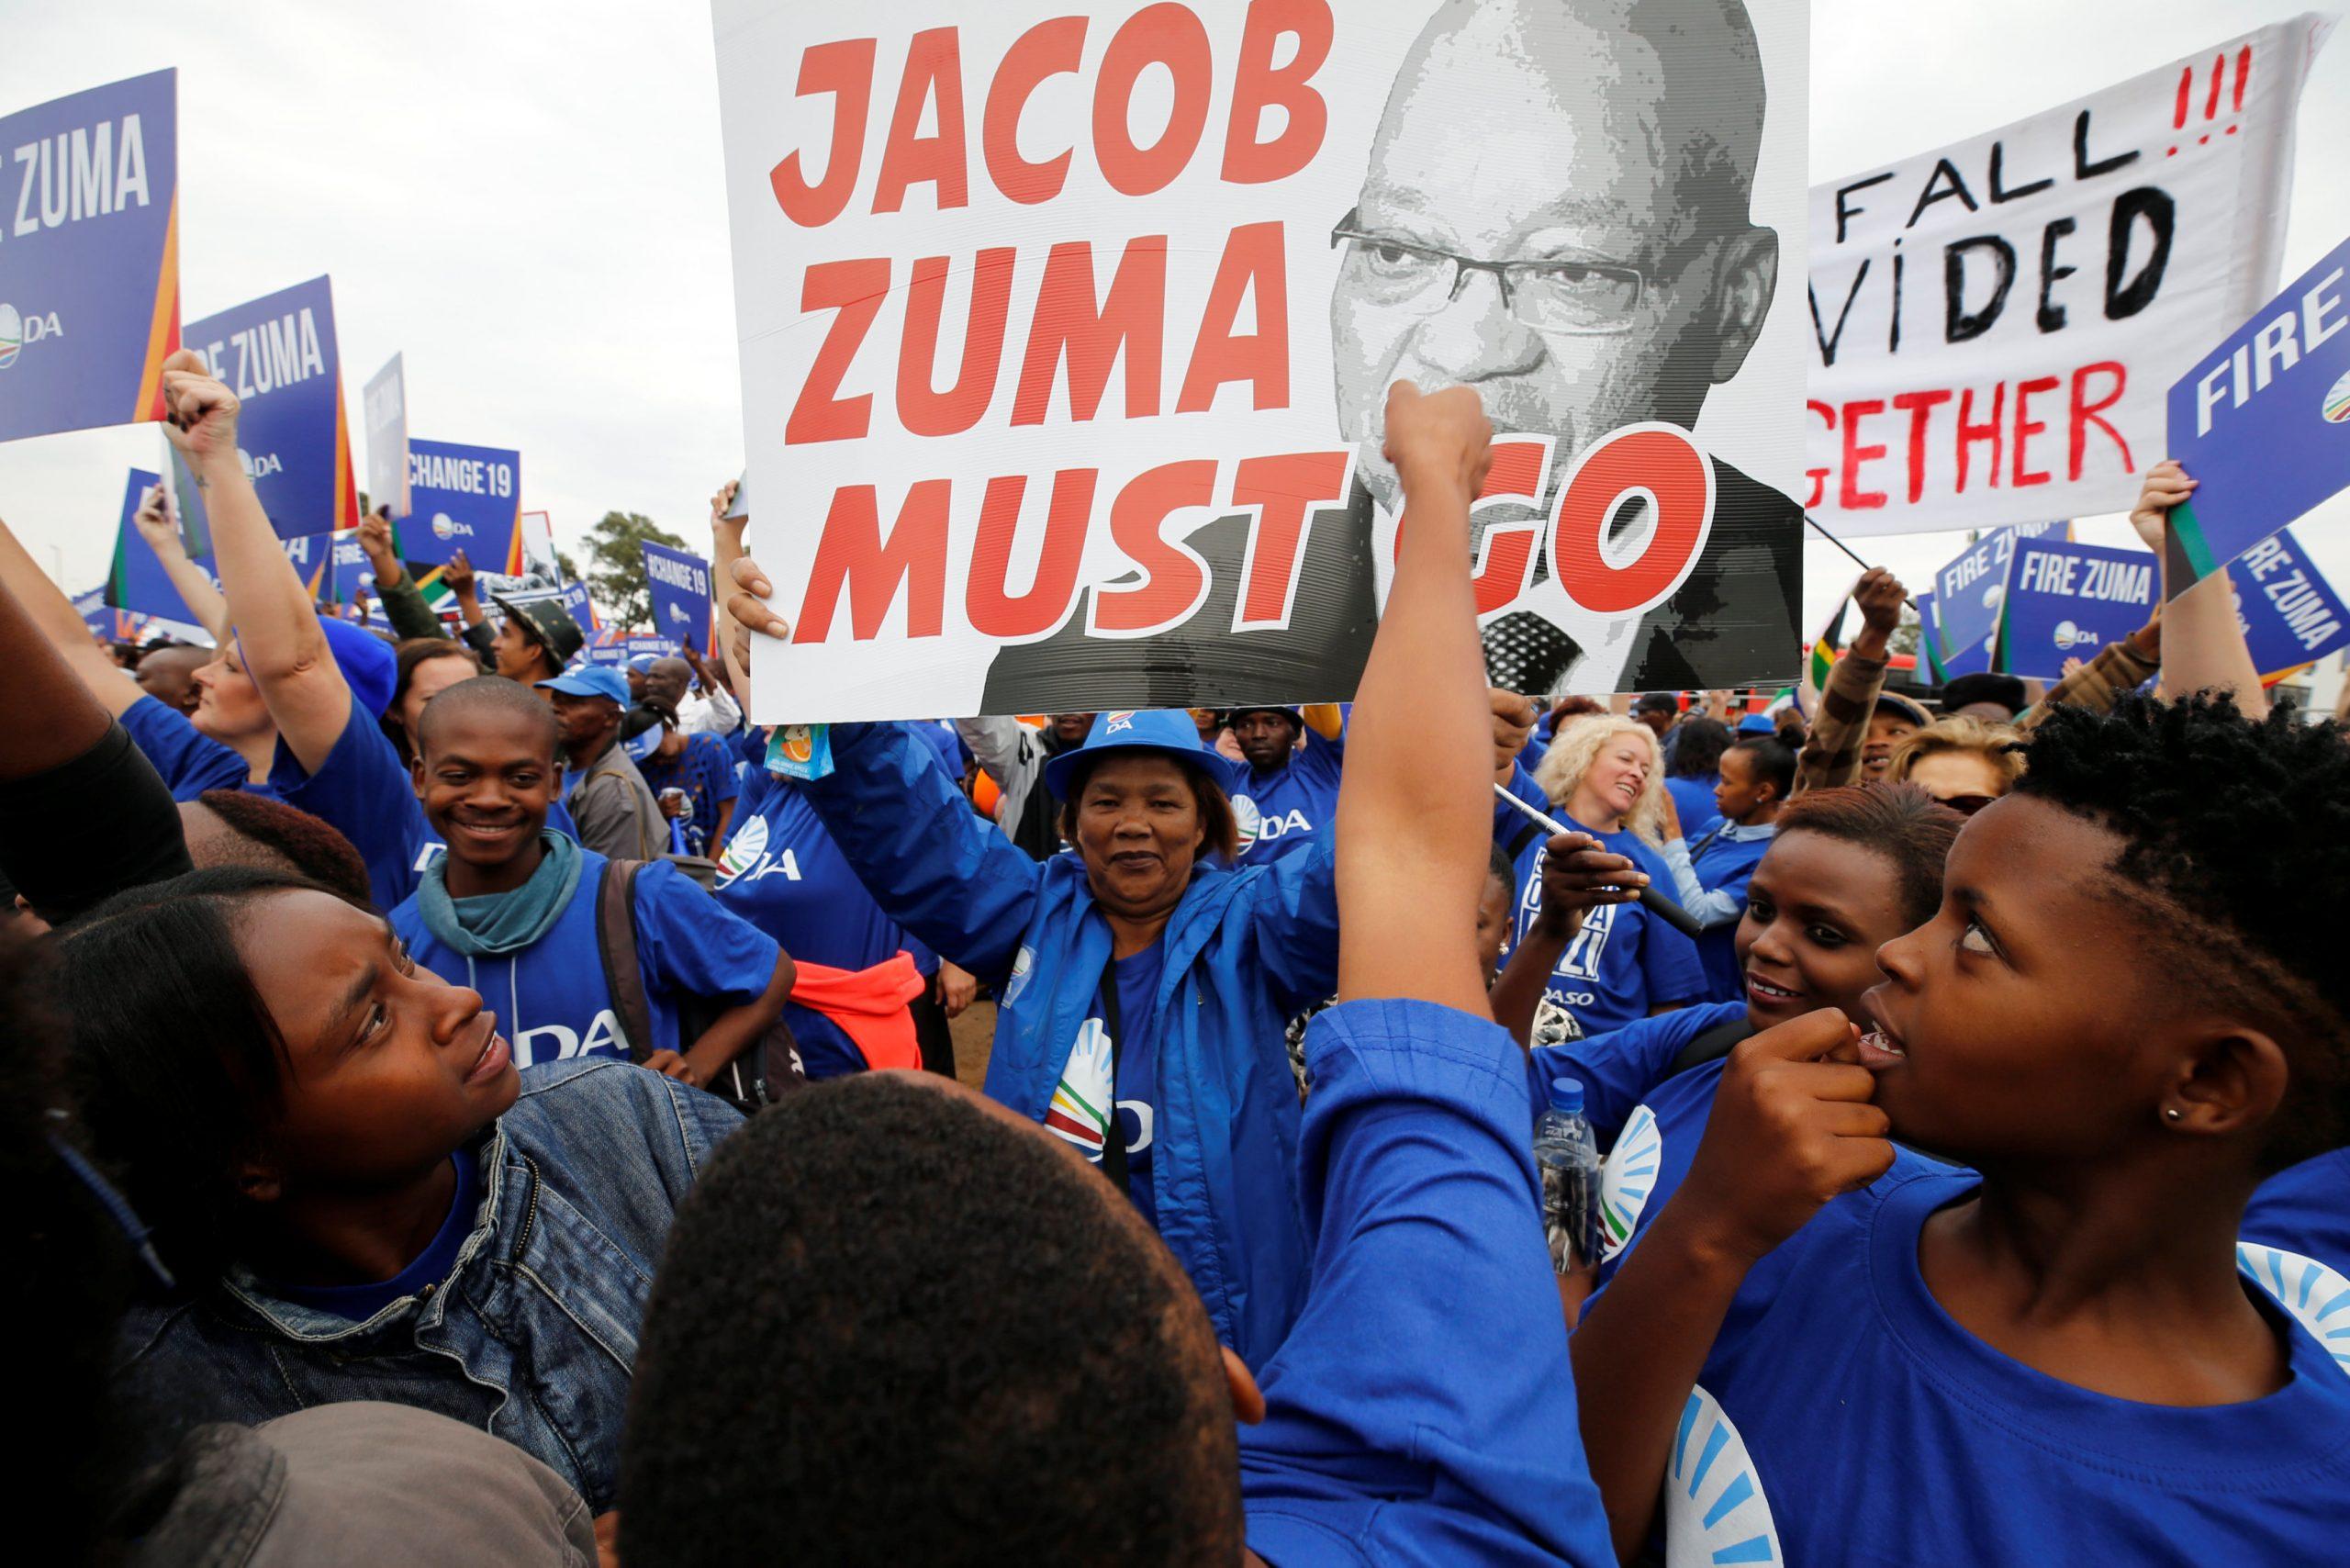 دور الأحزاب السياسية في عملية التحول الديمقراطي في جنوب أفريقيا منذ عام 1994